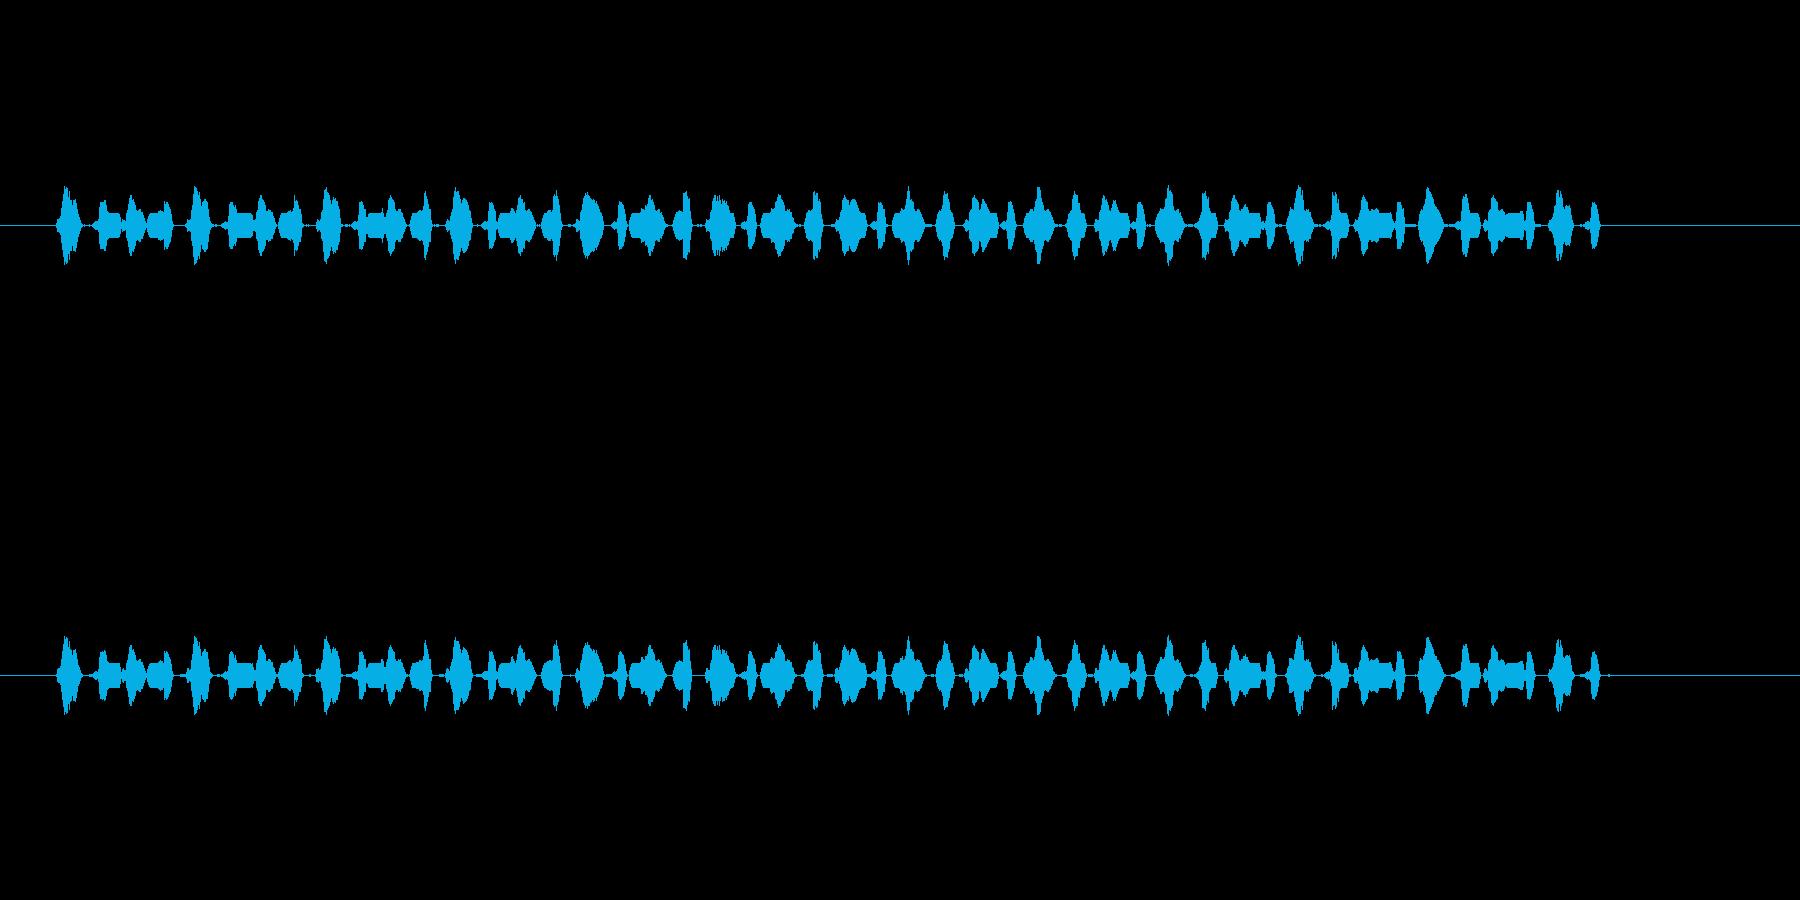 【サイバー20-3】の再生済みの波形